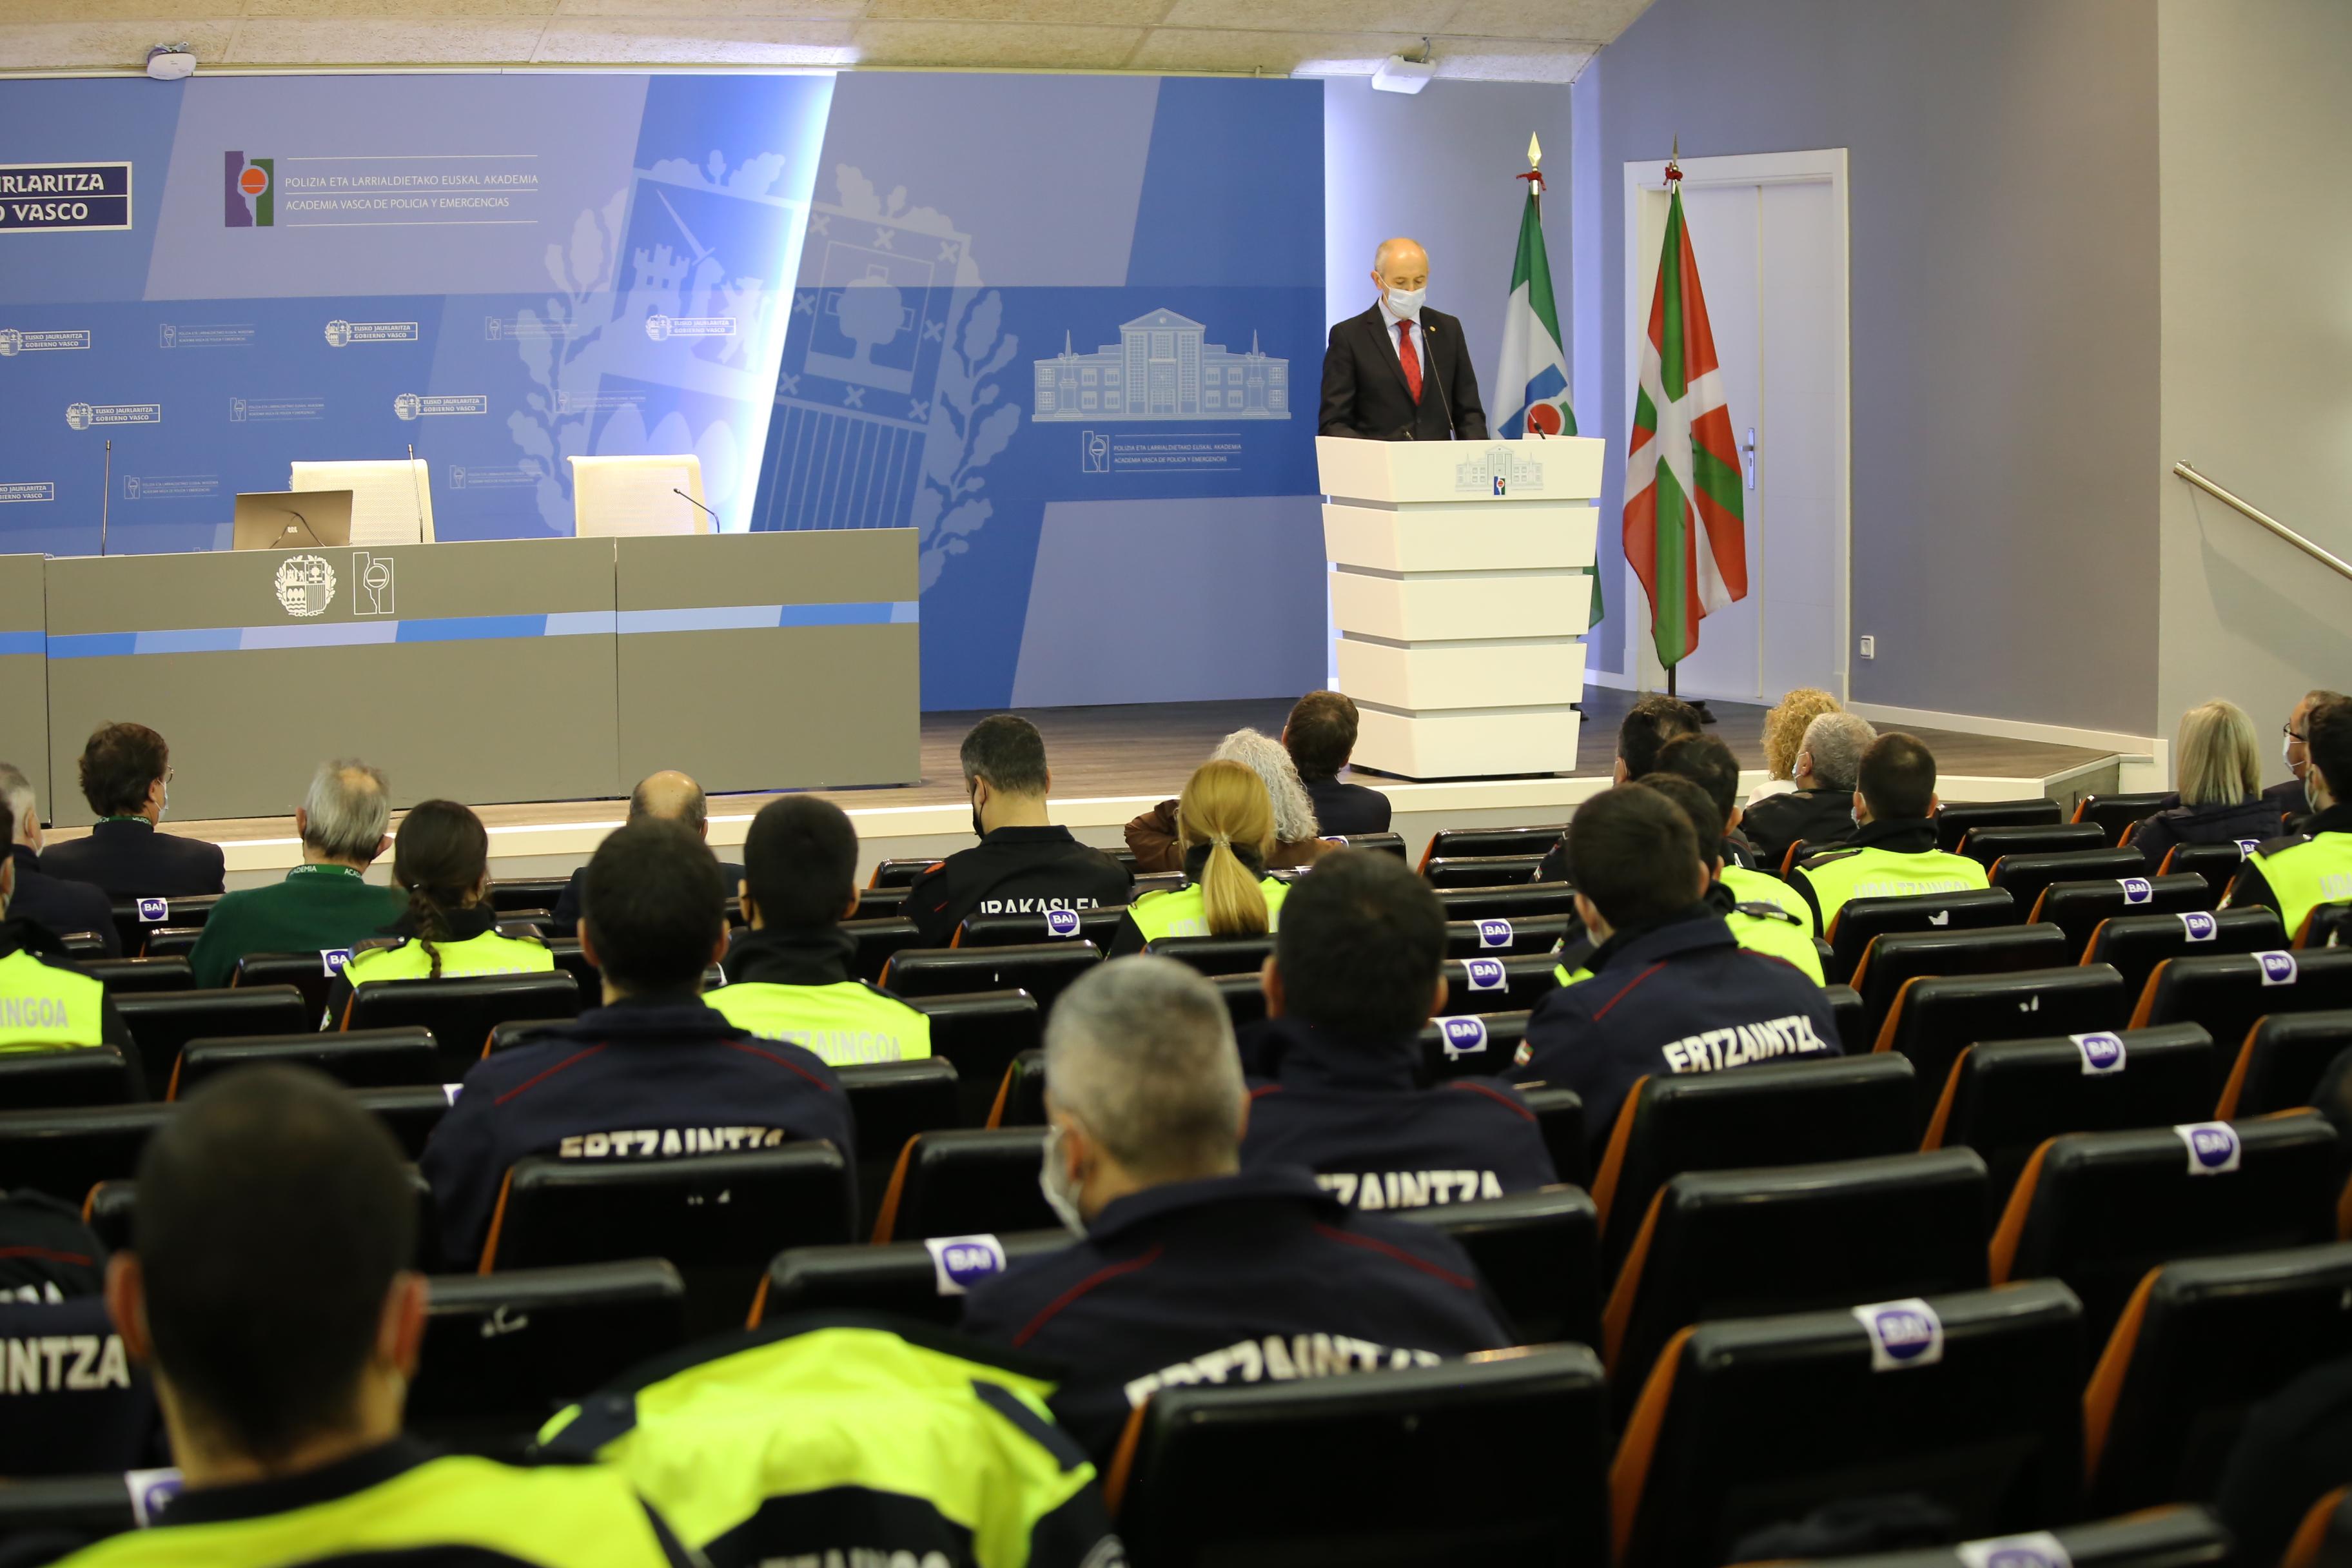 Josu Erkoreka y Gorka Urtaran inauguran el primer curso de formación conjunta de Ertzaintza y Policía Local de Euskadi en la Academia Vasca de Policía y Emergencias [20:10]